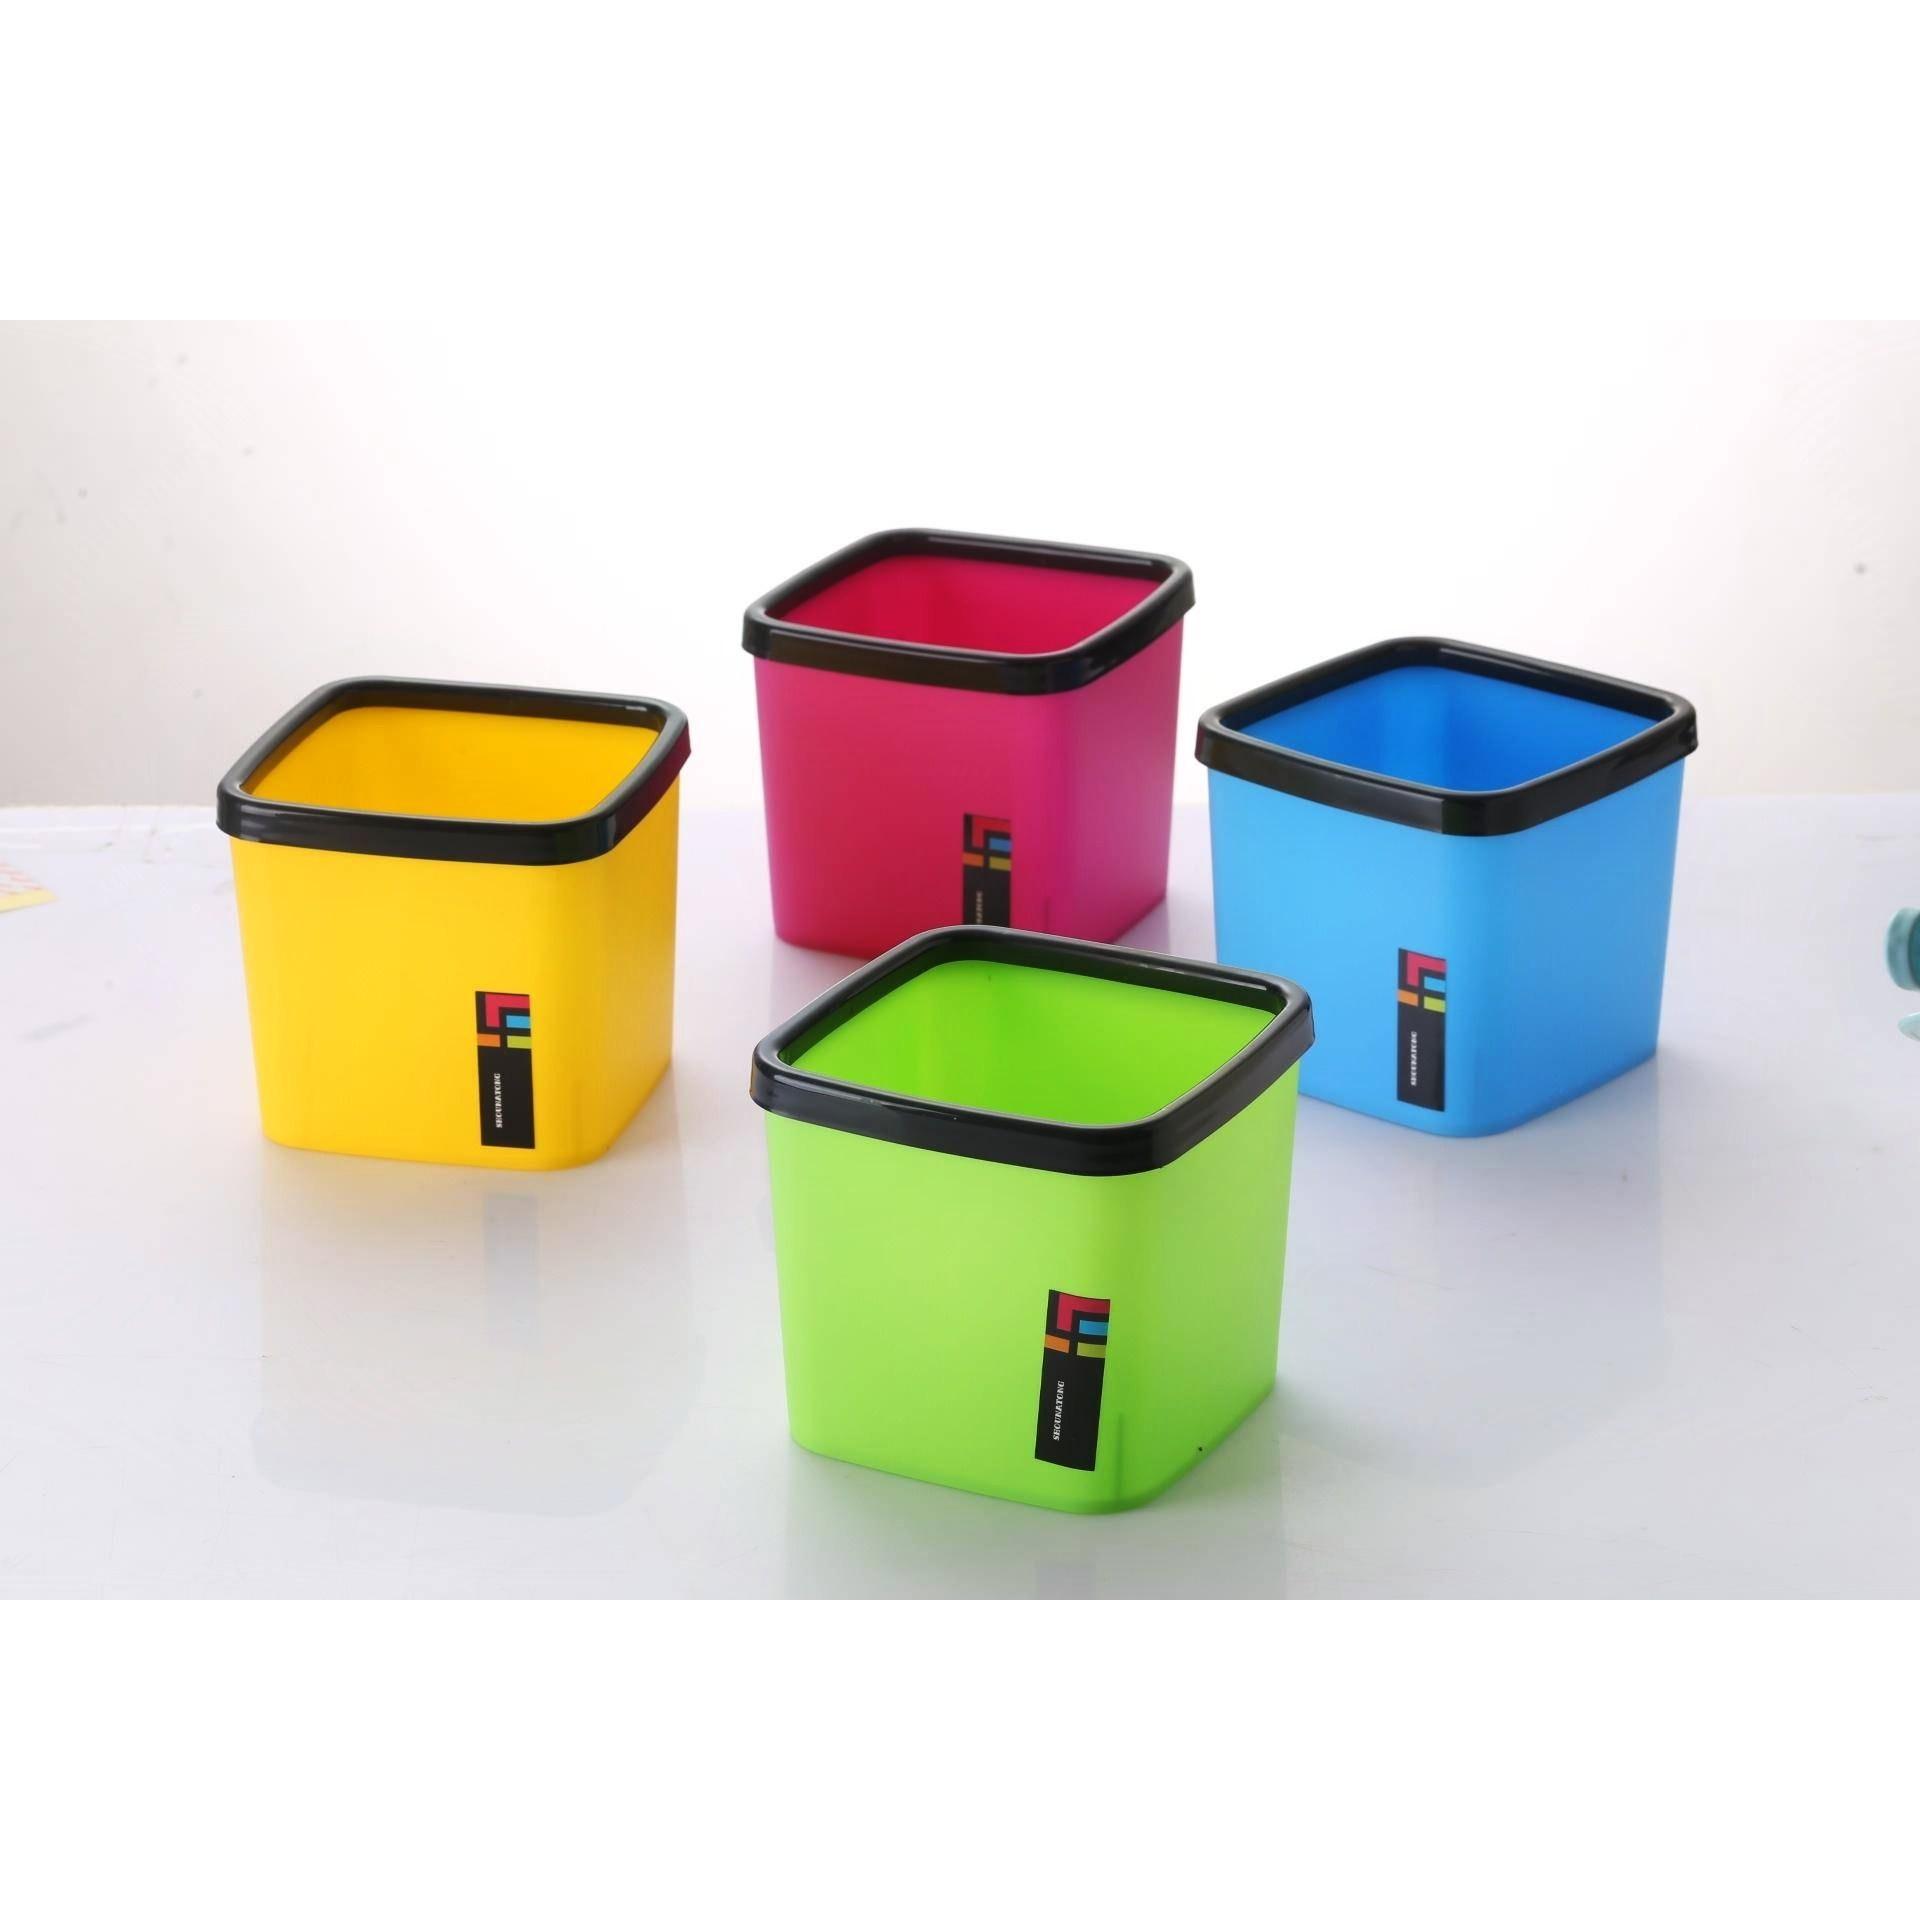 日本桌面垃圾桶创意家用床头迷你带盖小号翻盖按压式塑料收纳小筒